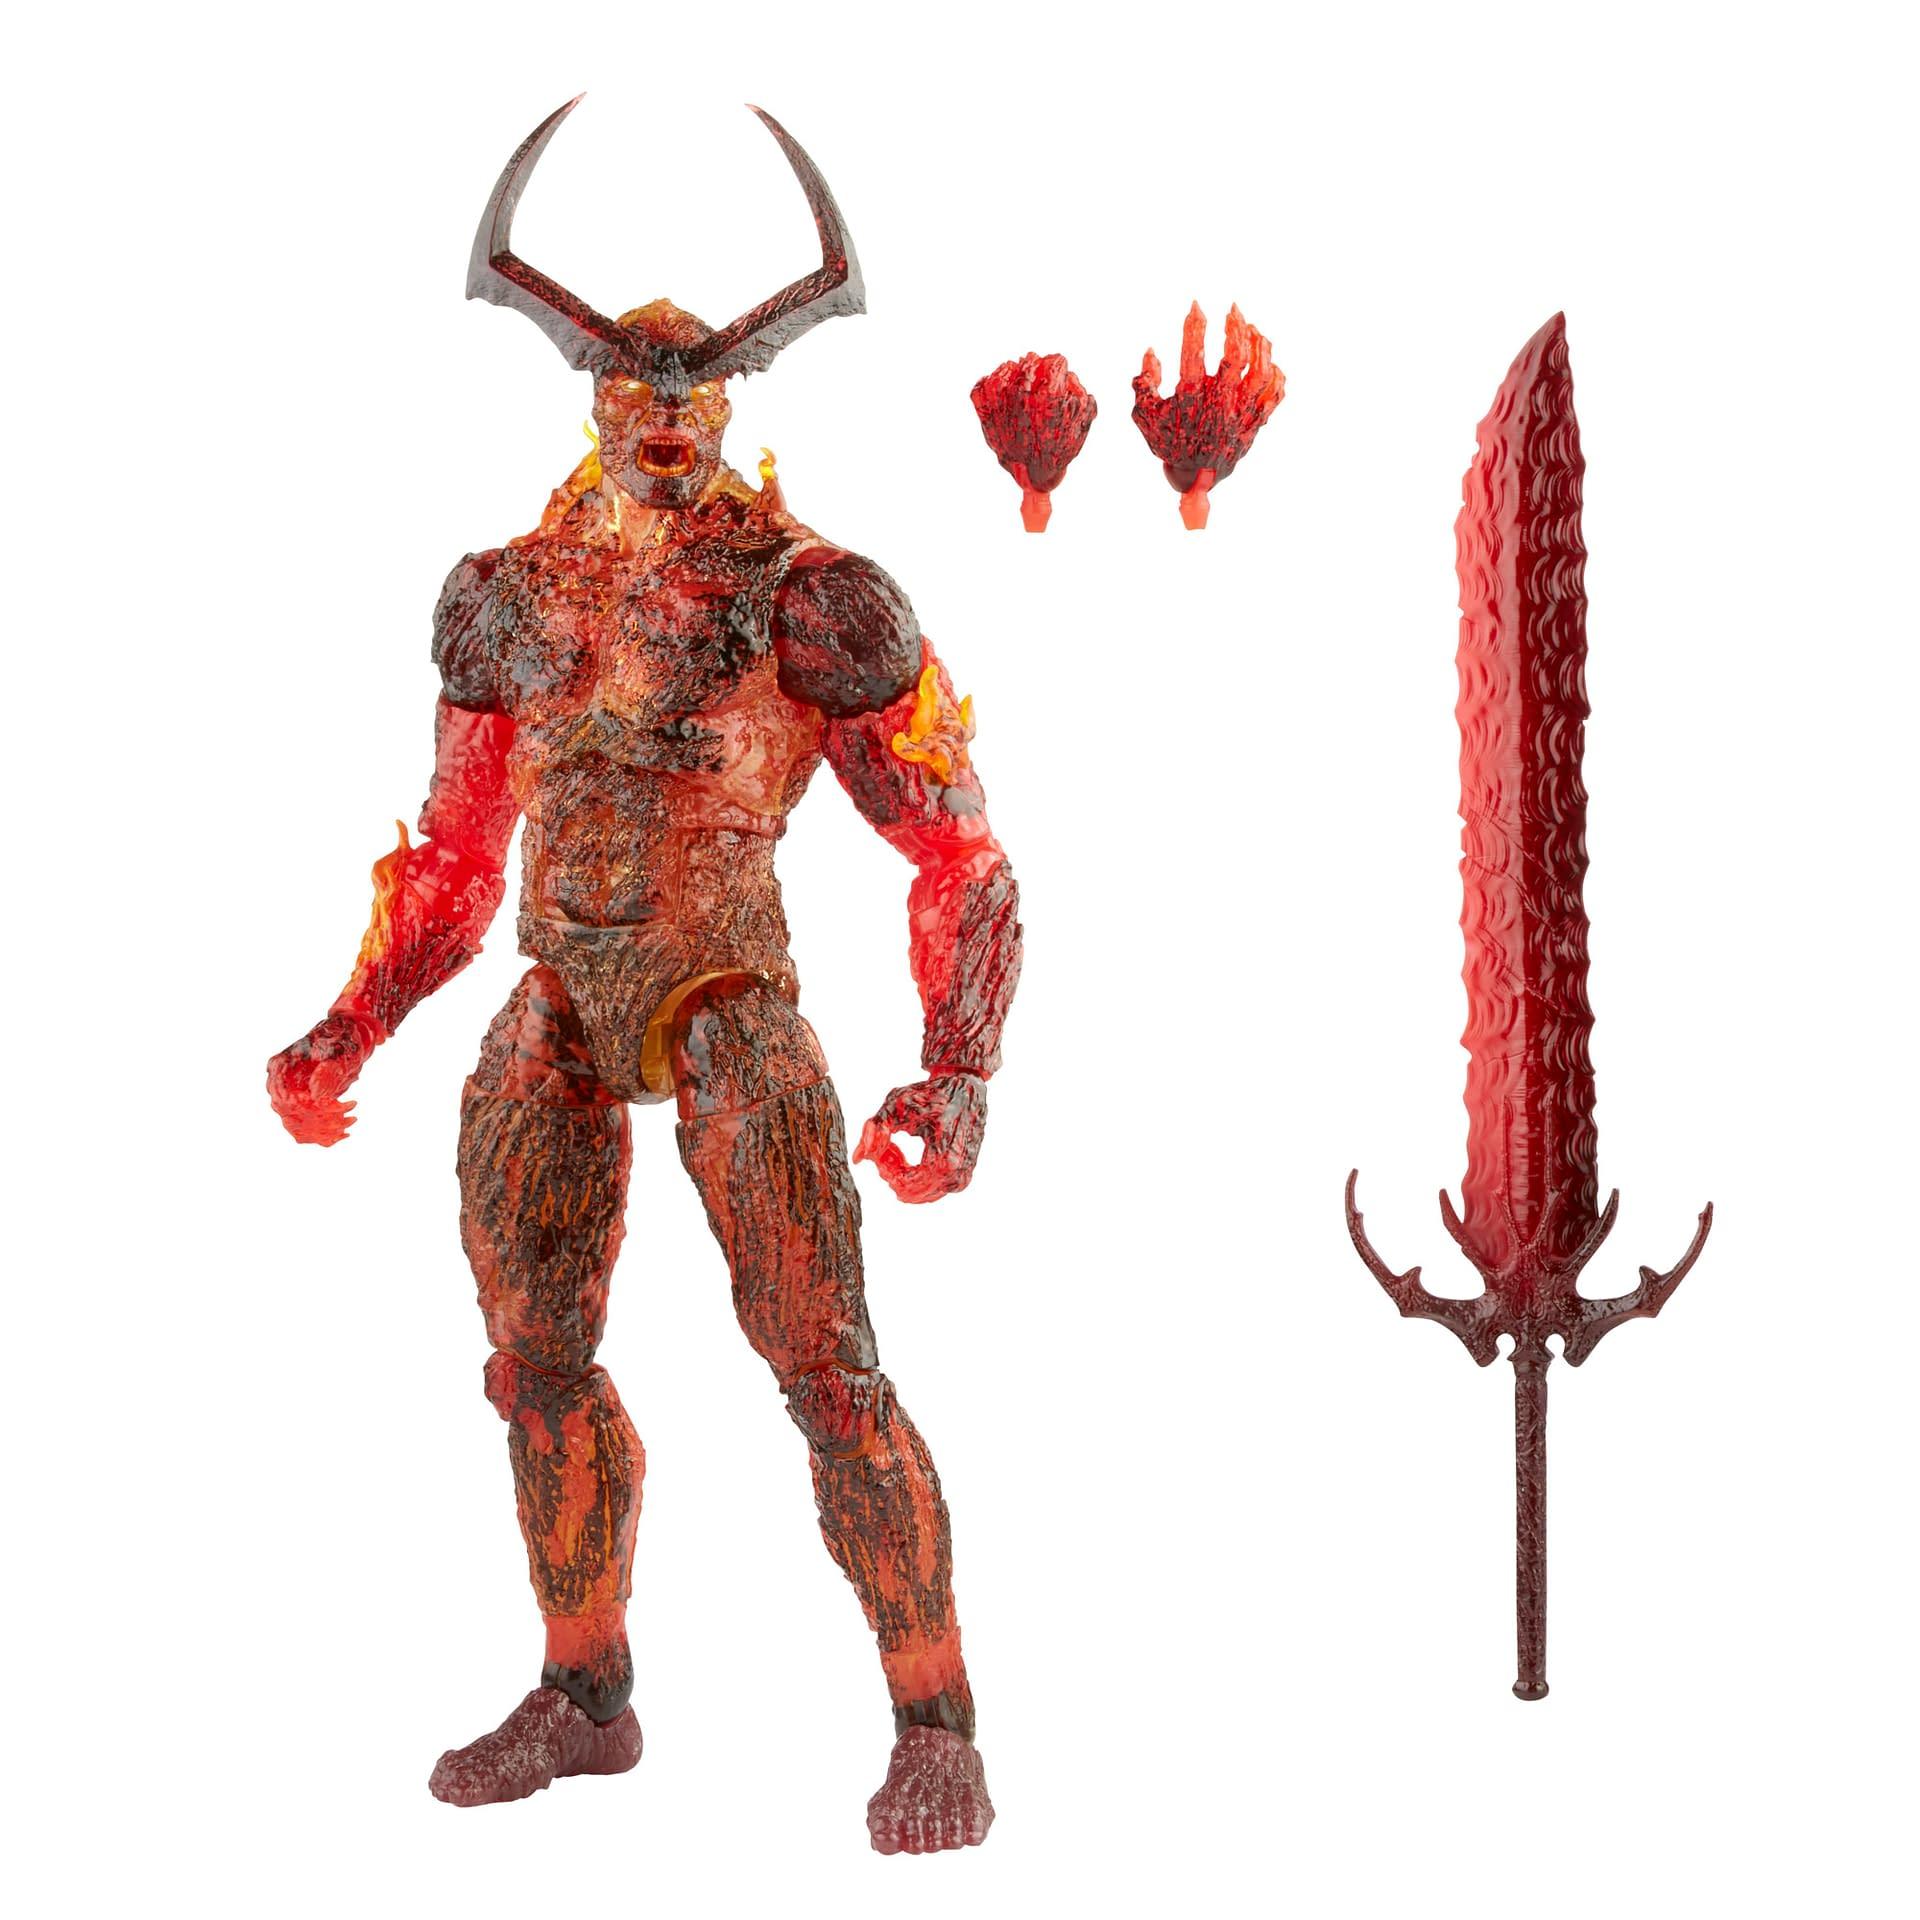 Marvel Legends Monday Reveals: Thor Ragnarok Surtur